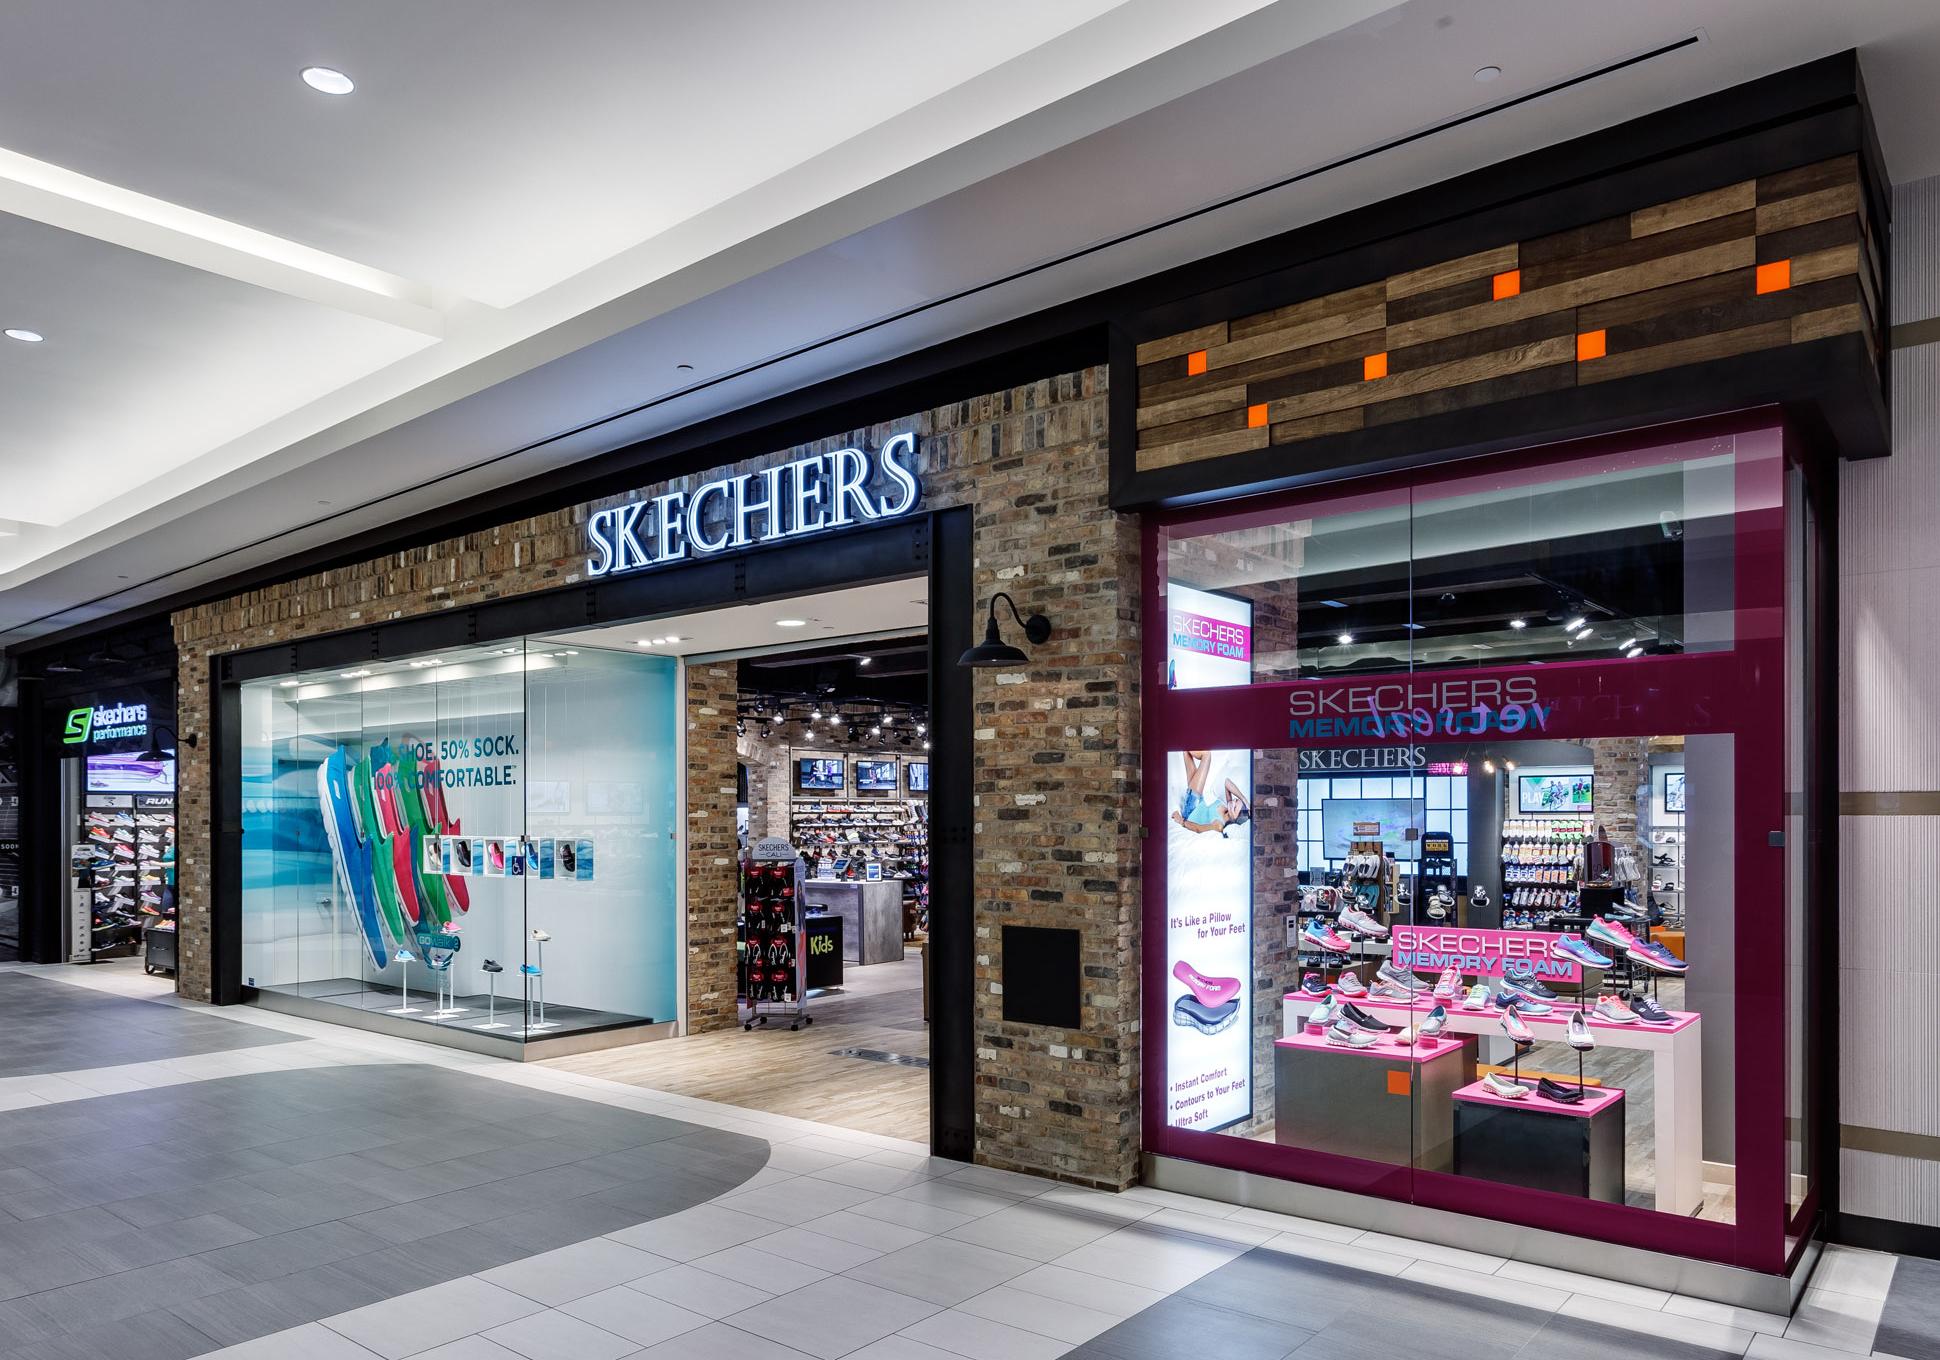 skechers store near me off 63% - www